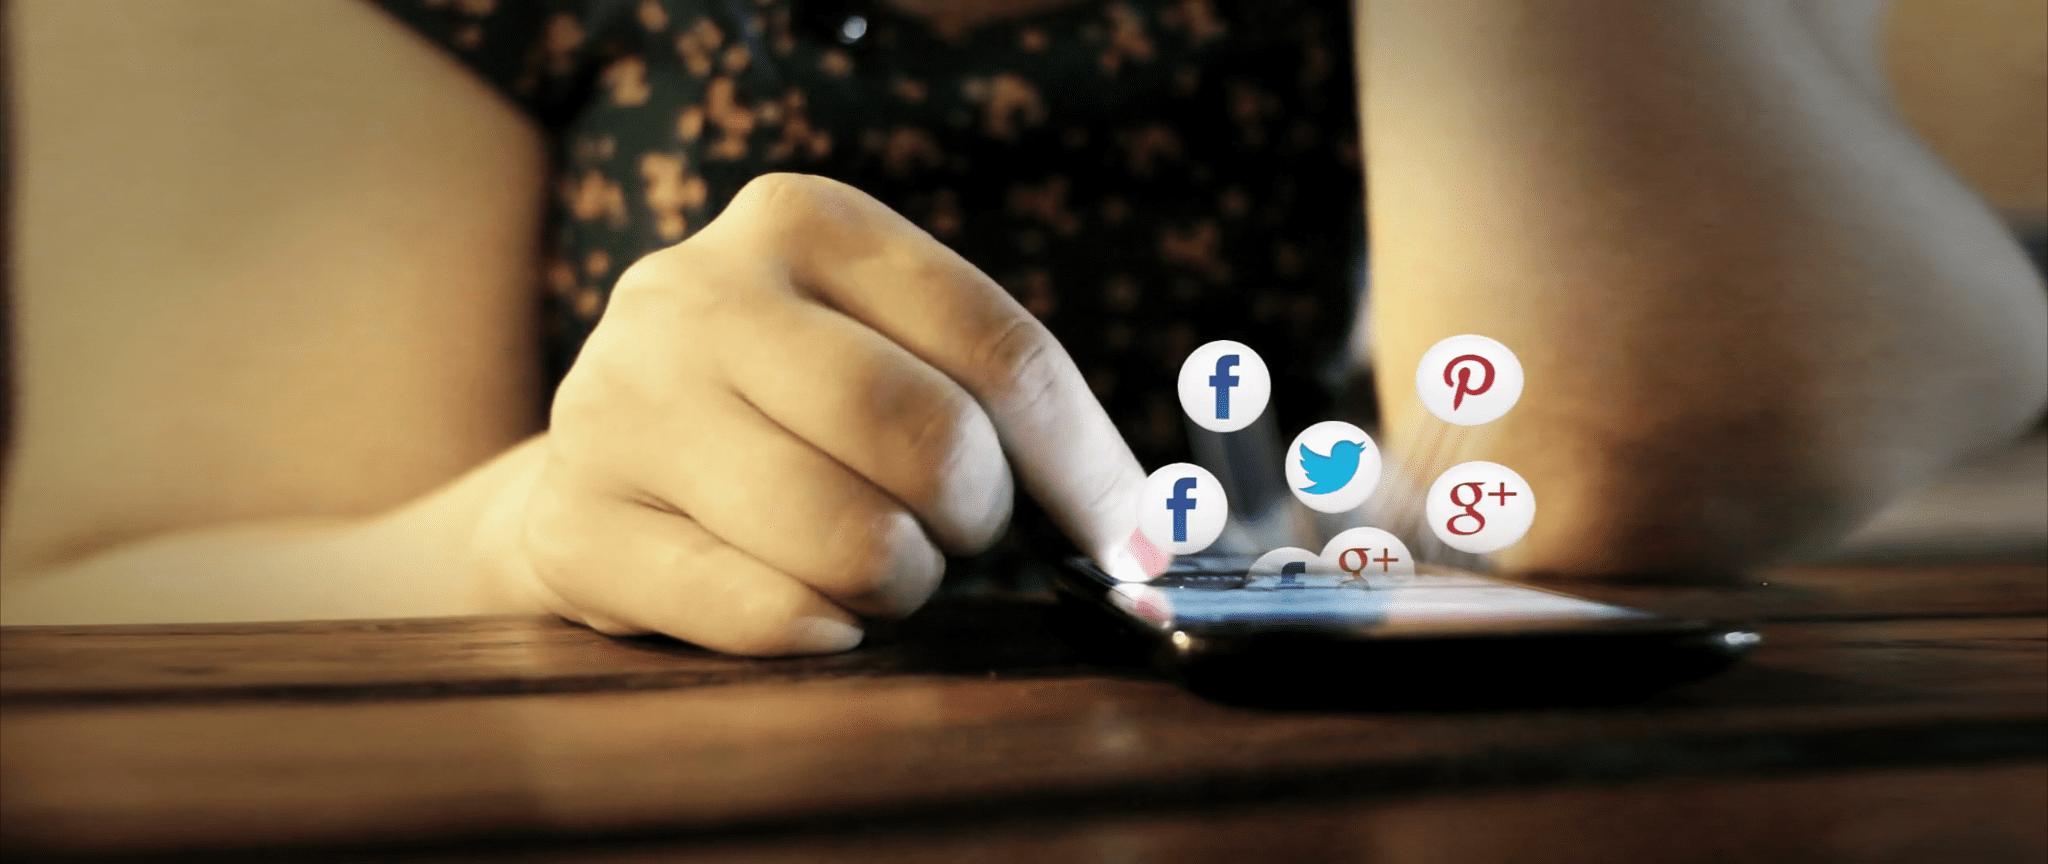 Person Going Through Social Media